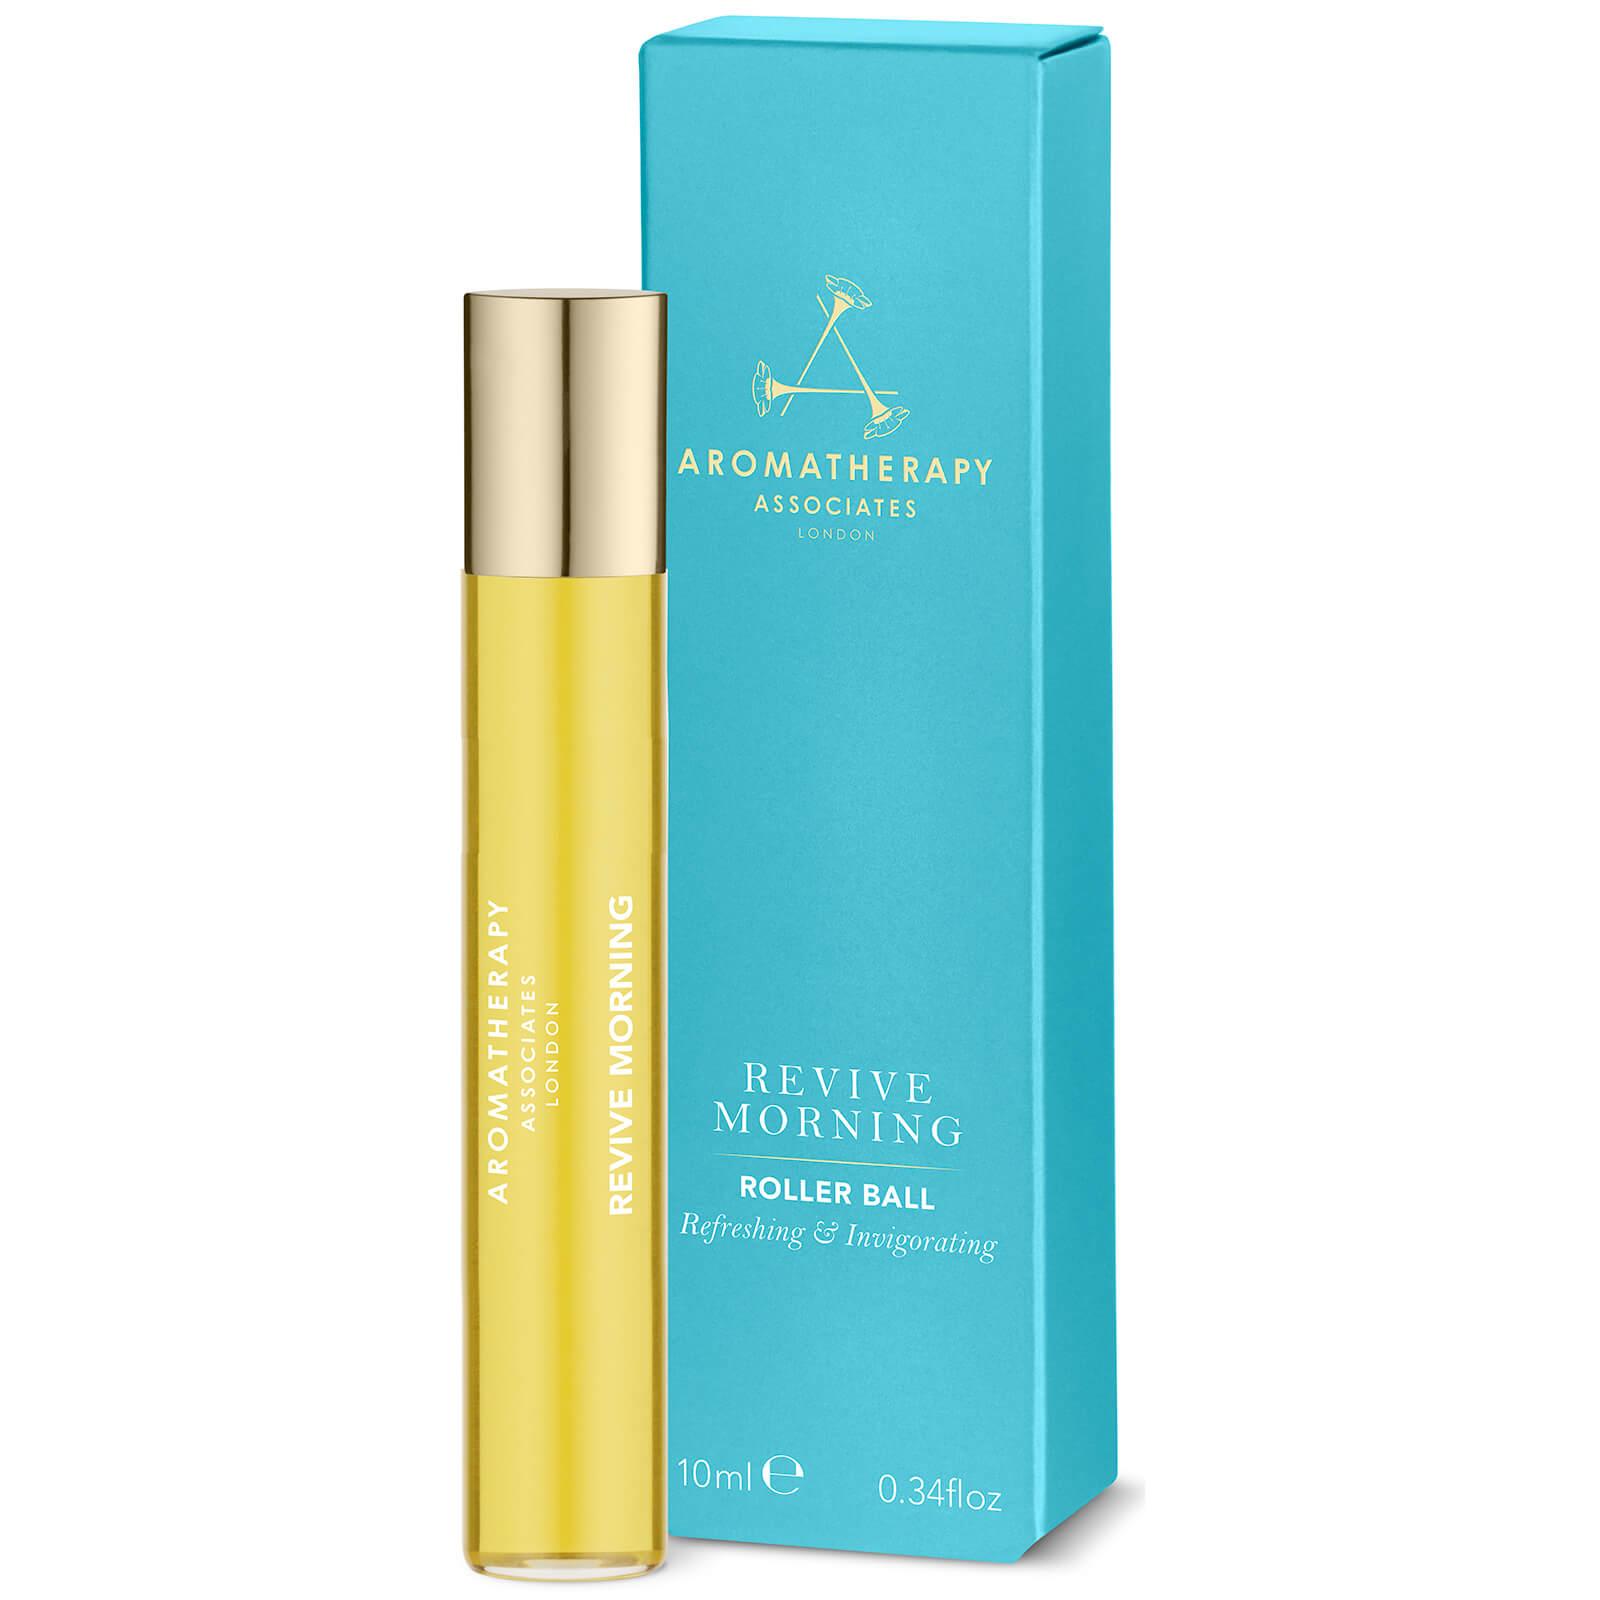 Купить Шариковое парфюмерное средство для облегчения дыхания Aromatherapy Associates Revive Morning Roller Ball 10мл